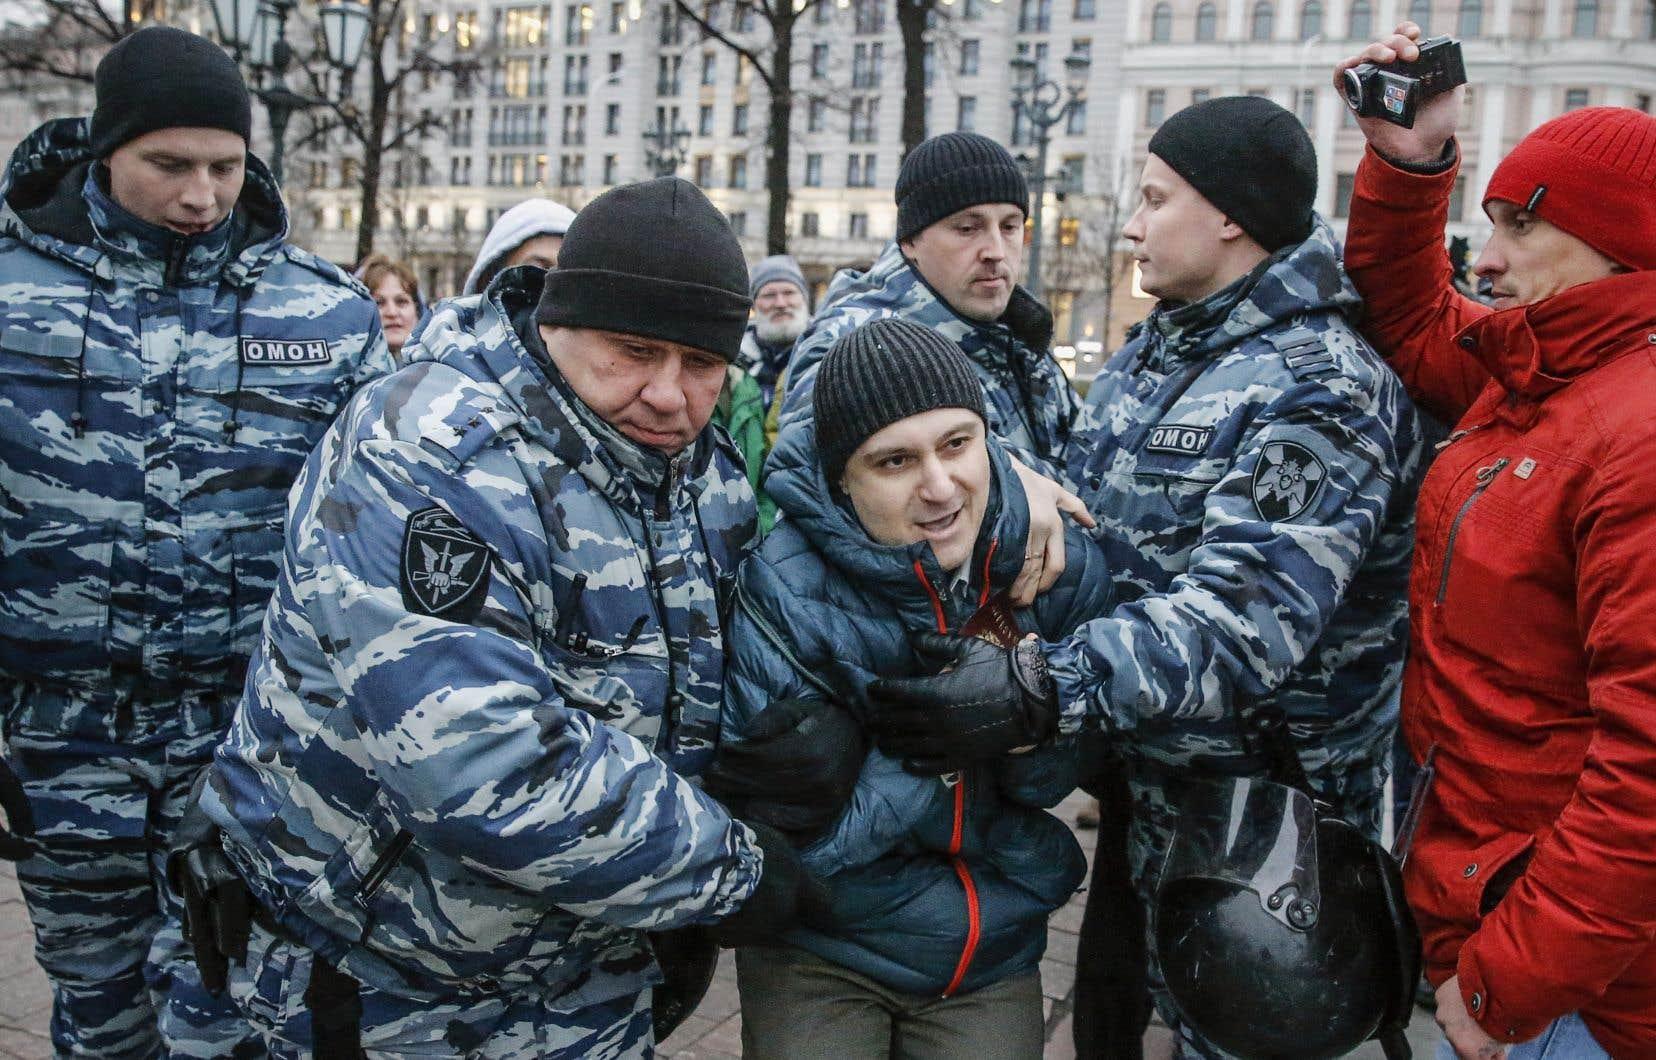 L'ONG russe OVD-Info, spécialisée dans le suivi des arrestations, a fait état de 380 arrestations, dont 346 à Moscou.